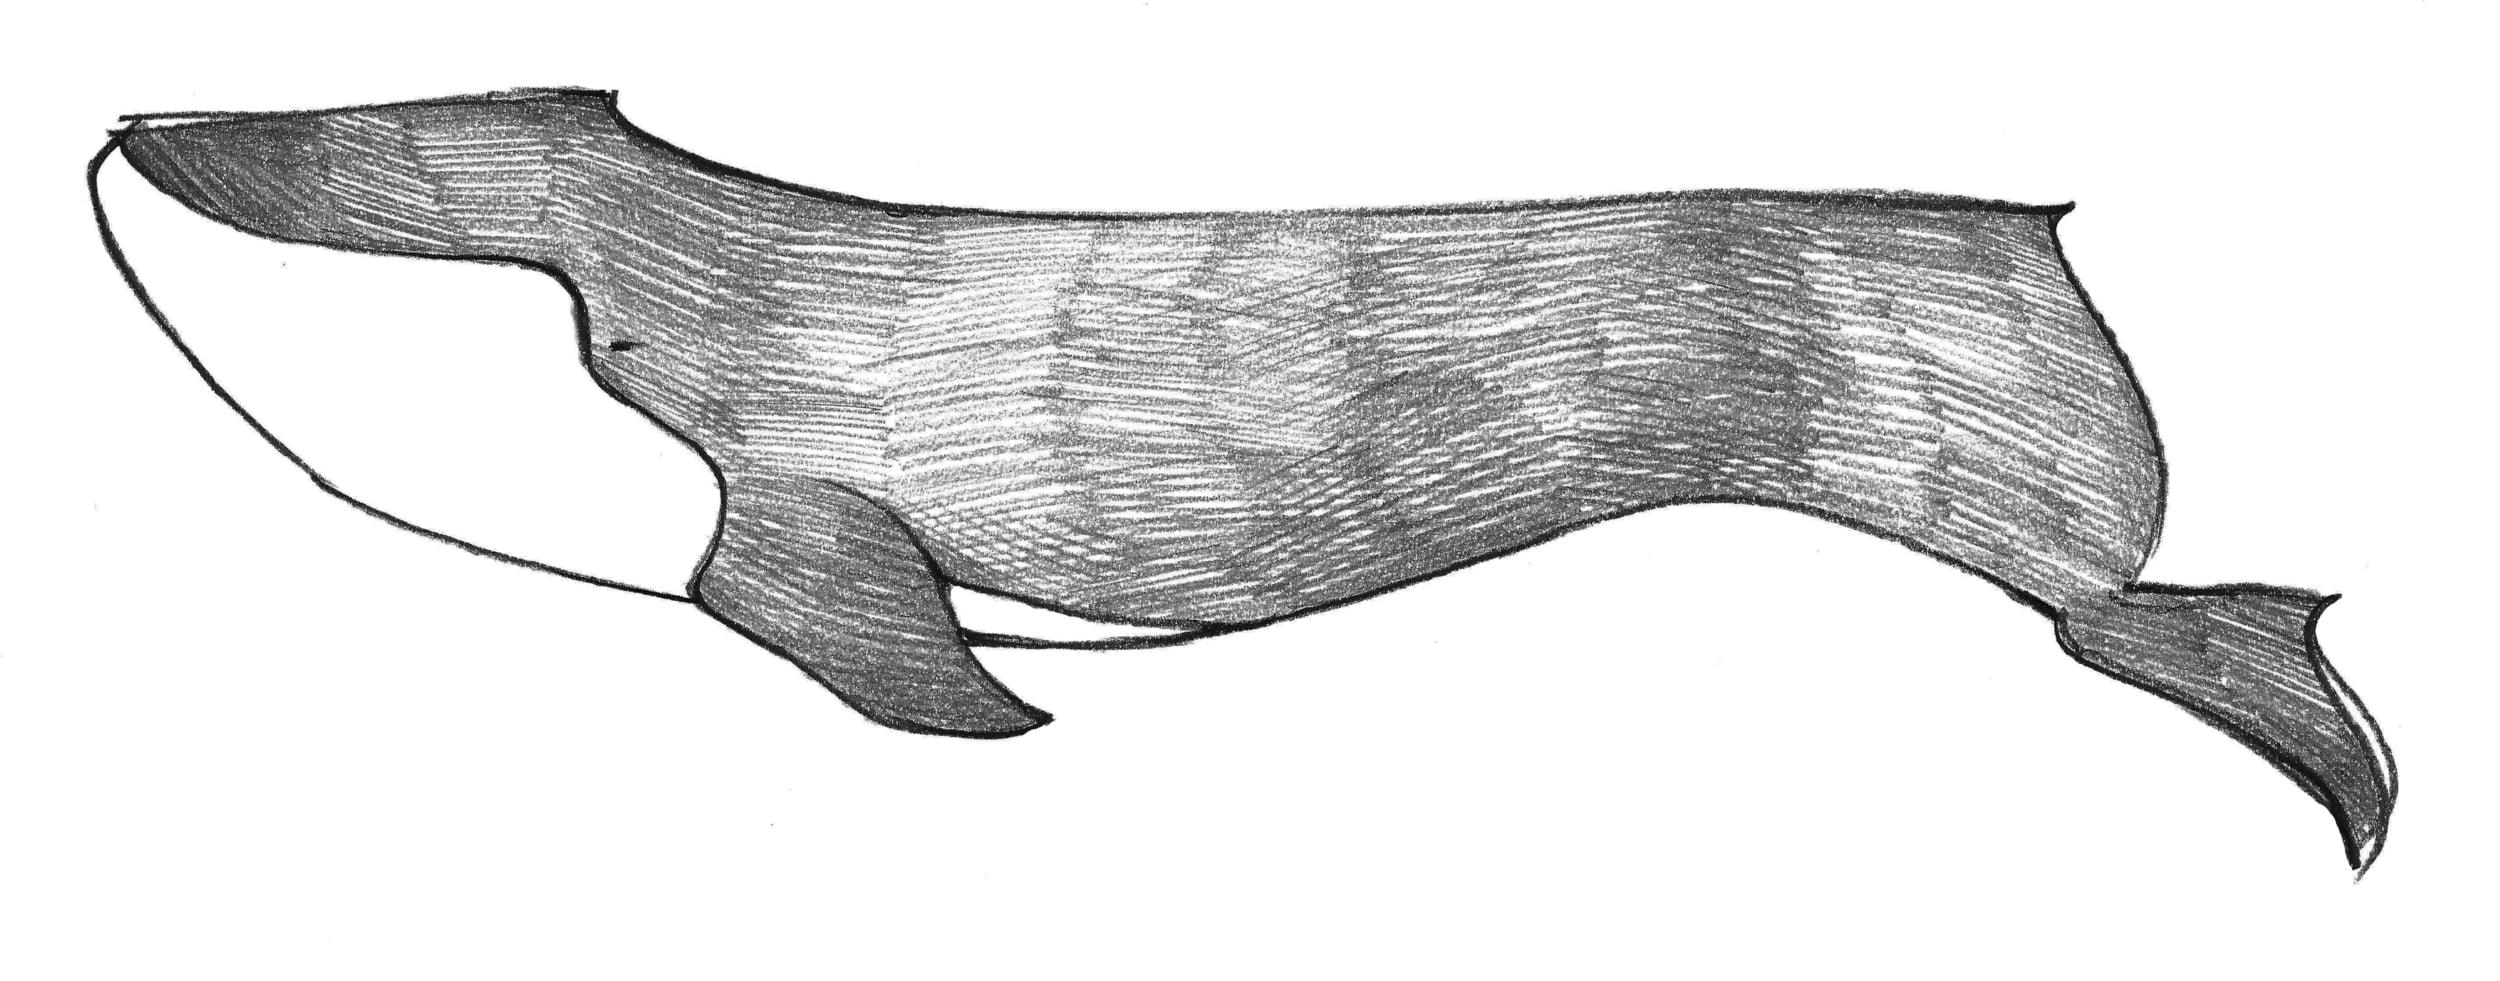 Kelly Lee Design Blog quick doodle blue whale sketch